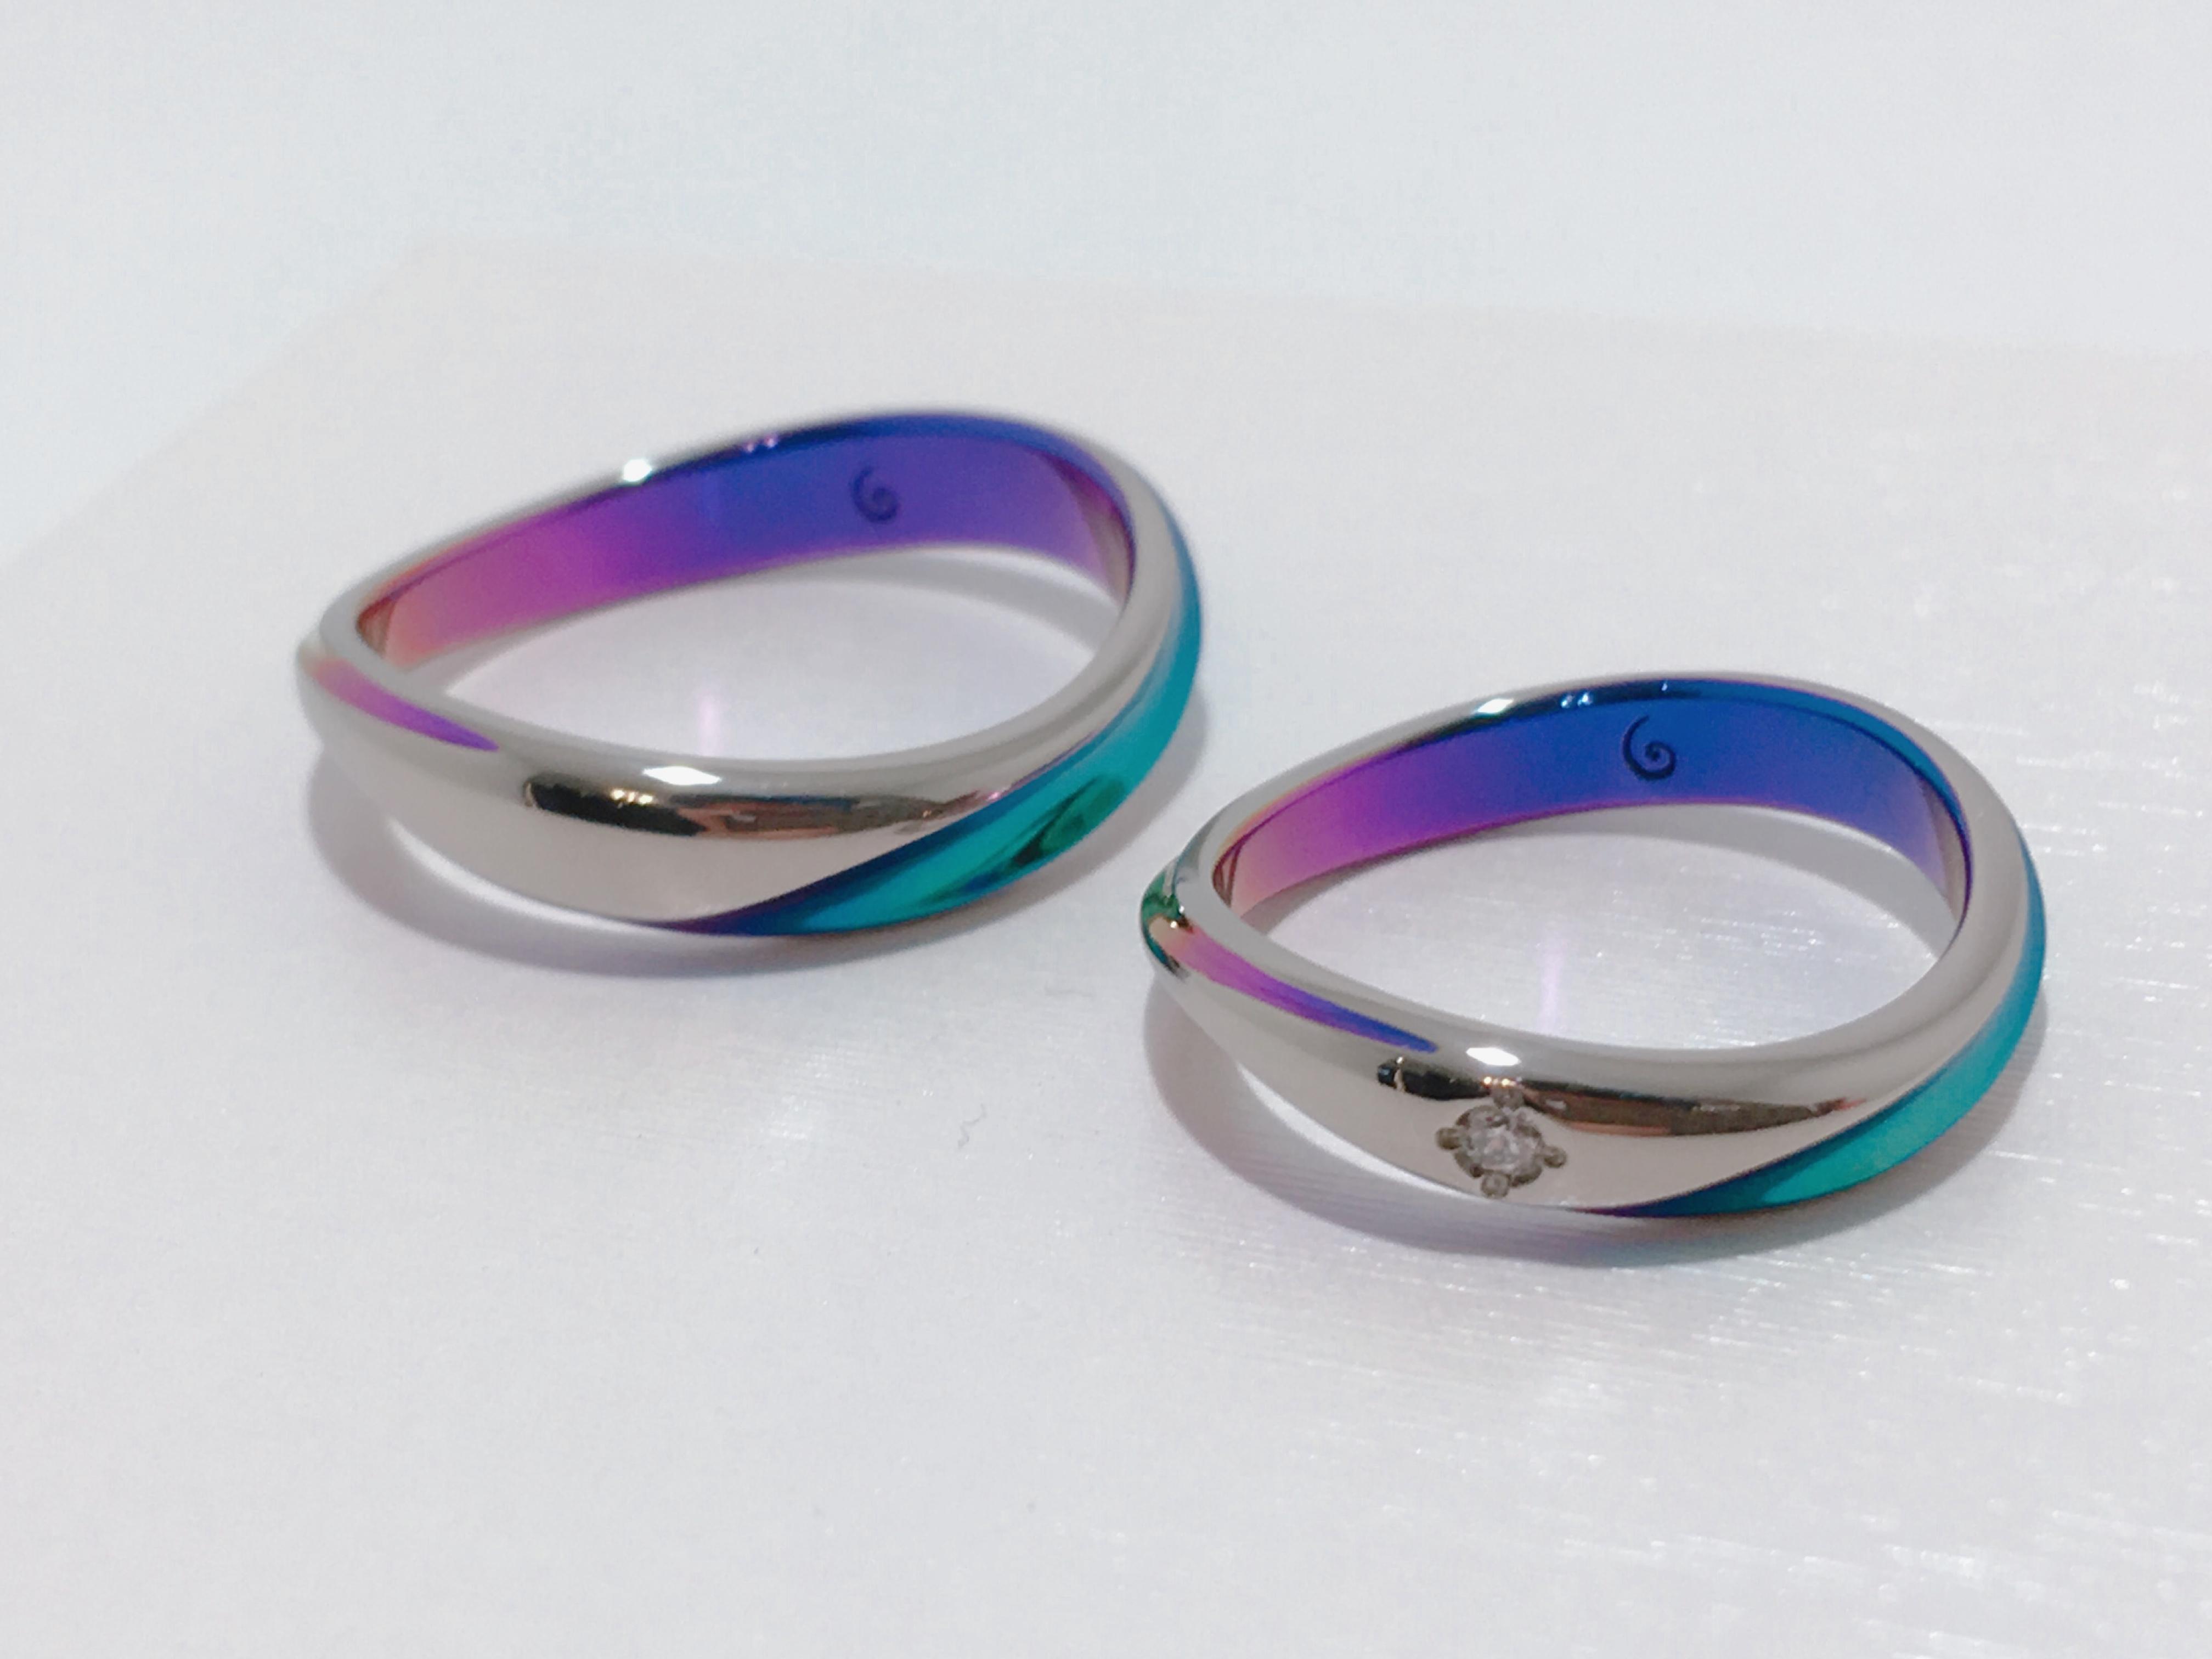 カラーリングが今話題のSORAの「ガンガ」結婚指輪をご成約。新潟県妙高市拓誠様・栞奈様